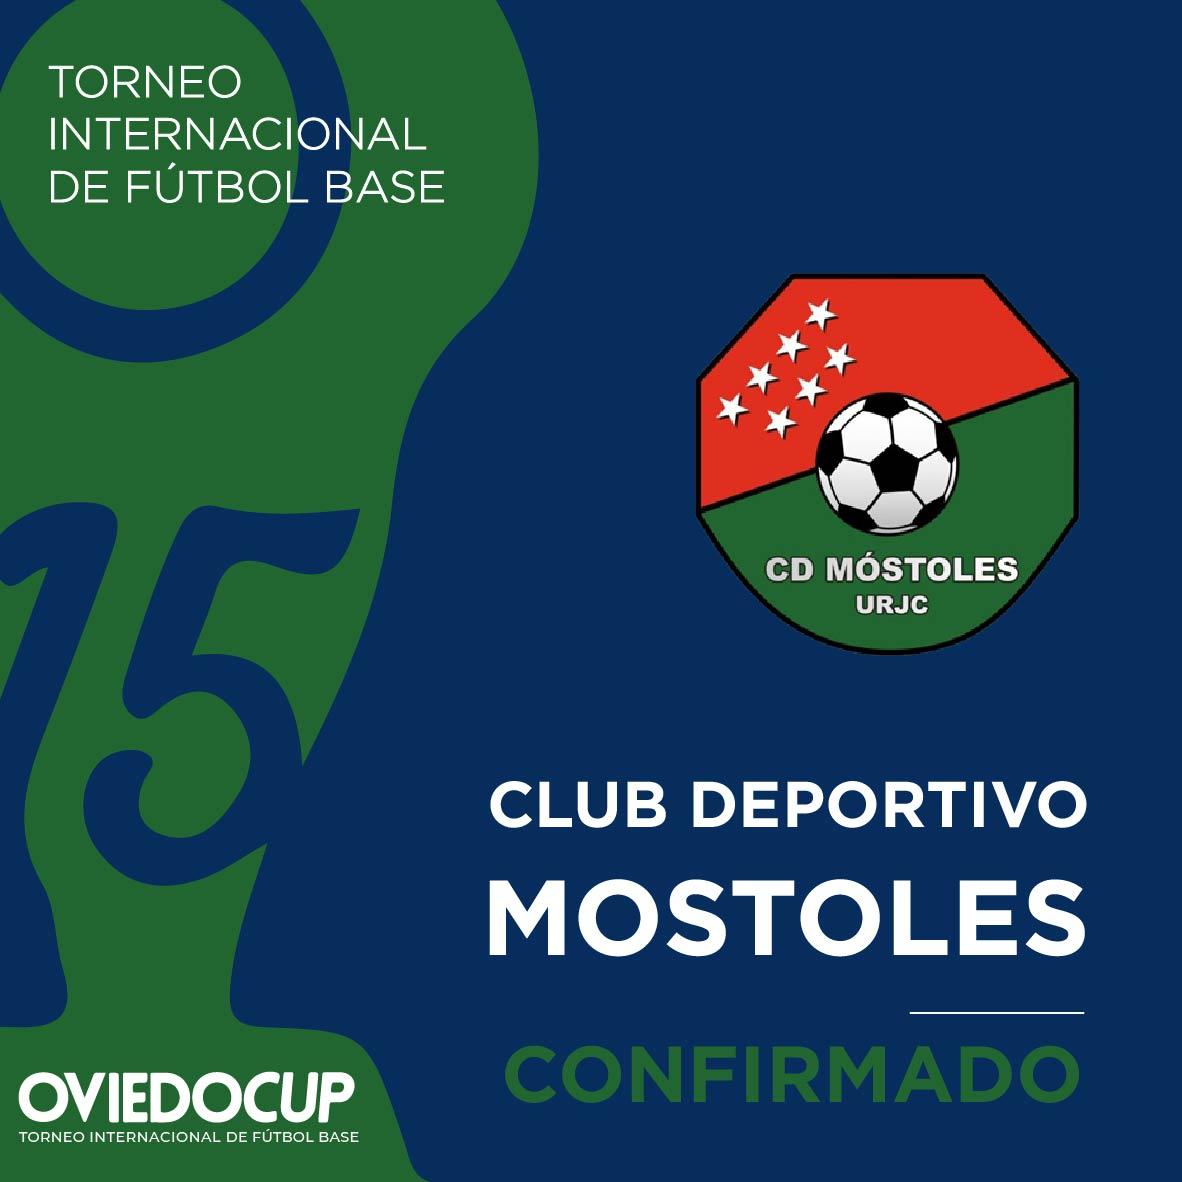   EQUIPO CONFIRMADO  ¡¡Otro año más, el club madrileño estará presente en la #OviedoCup2020!! @CDMostoles  #TorneoInternacional #FútboBase #OviedoCup #XVEdición #SemanaSantapic.twitter.com/bS6Dskvaql